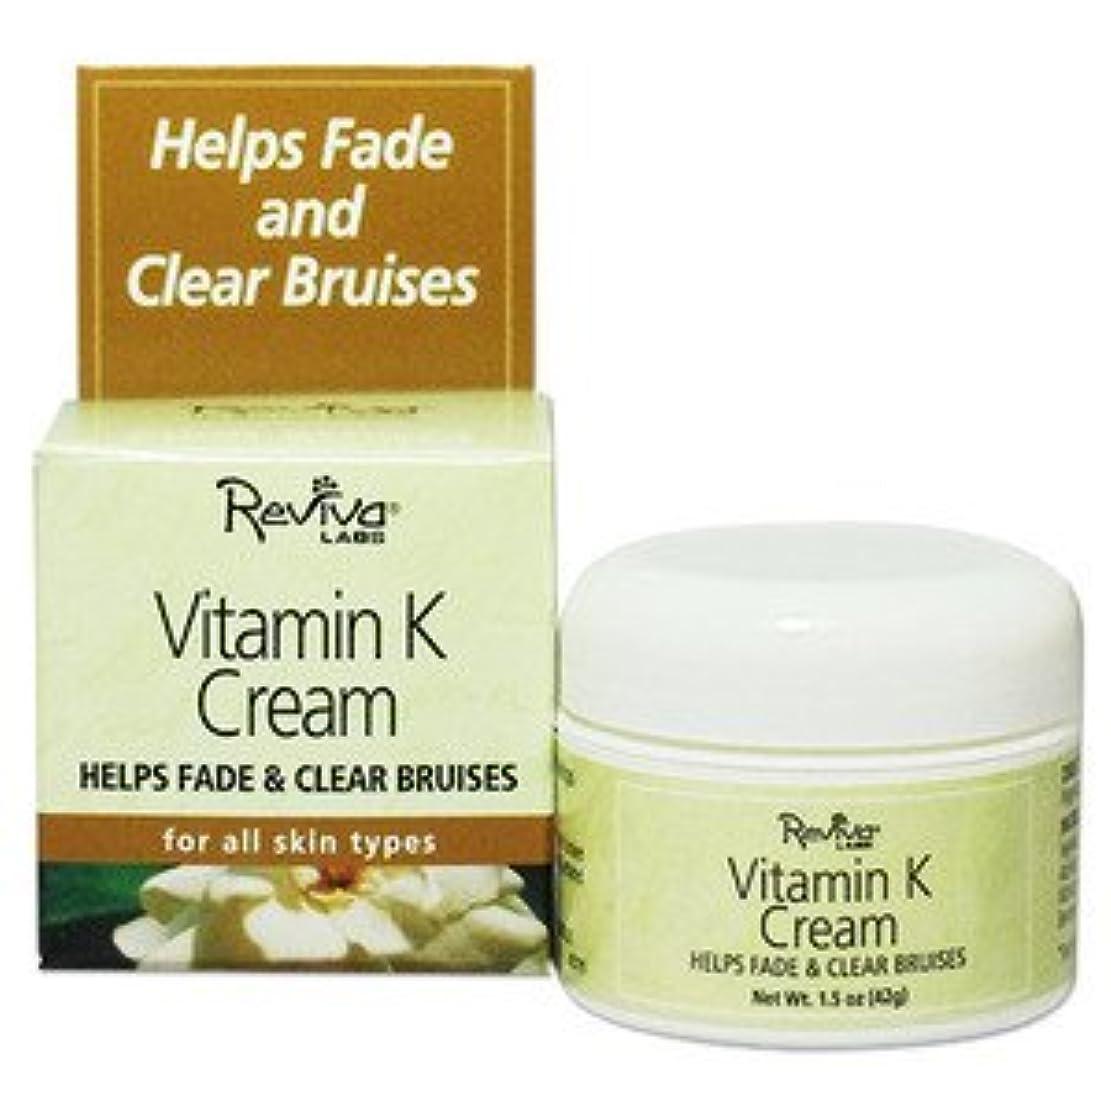 専門知識クスクス上級Reviva Labs レビバ社 Vitamin K Cream  (42 g)  ビタミンK クリーム 海外直送品